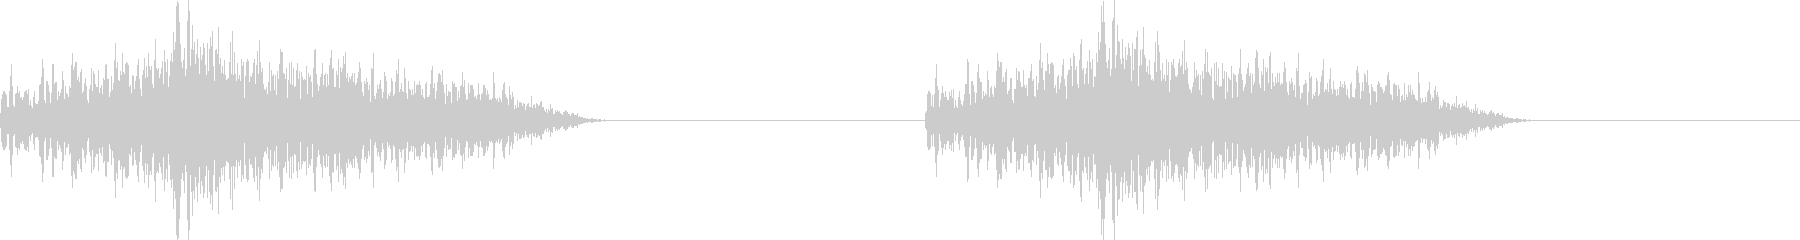 アラート音 LOOP有り 危険度低の未再生の波形